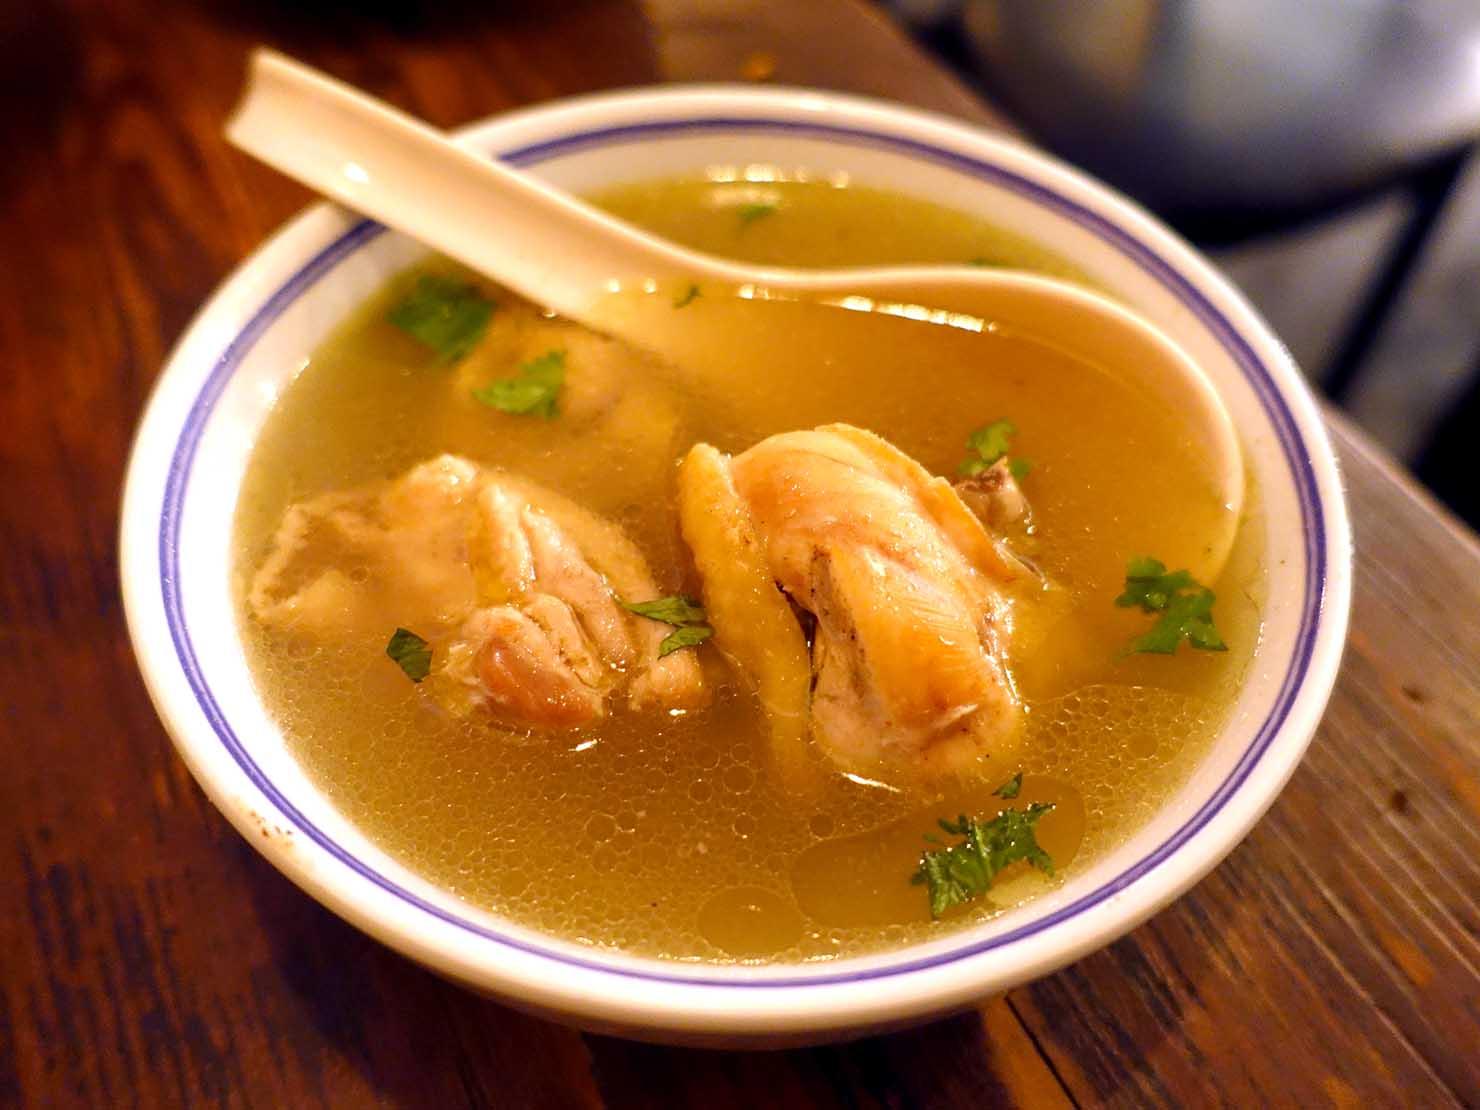 台北駅前エリア(前站)のおすすめグルメ店「話一隻雞」の招牌燉雞湯